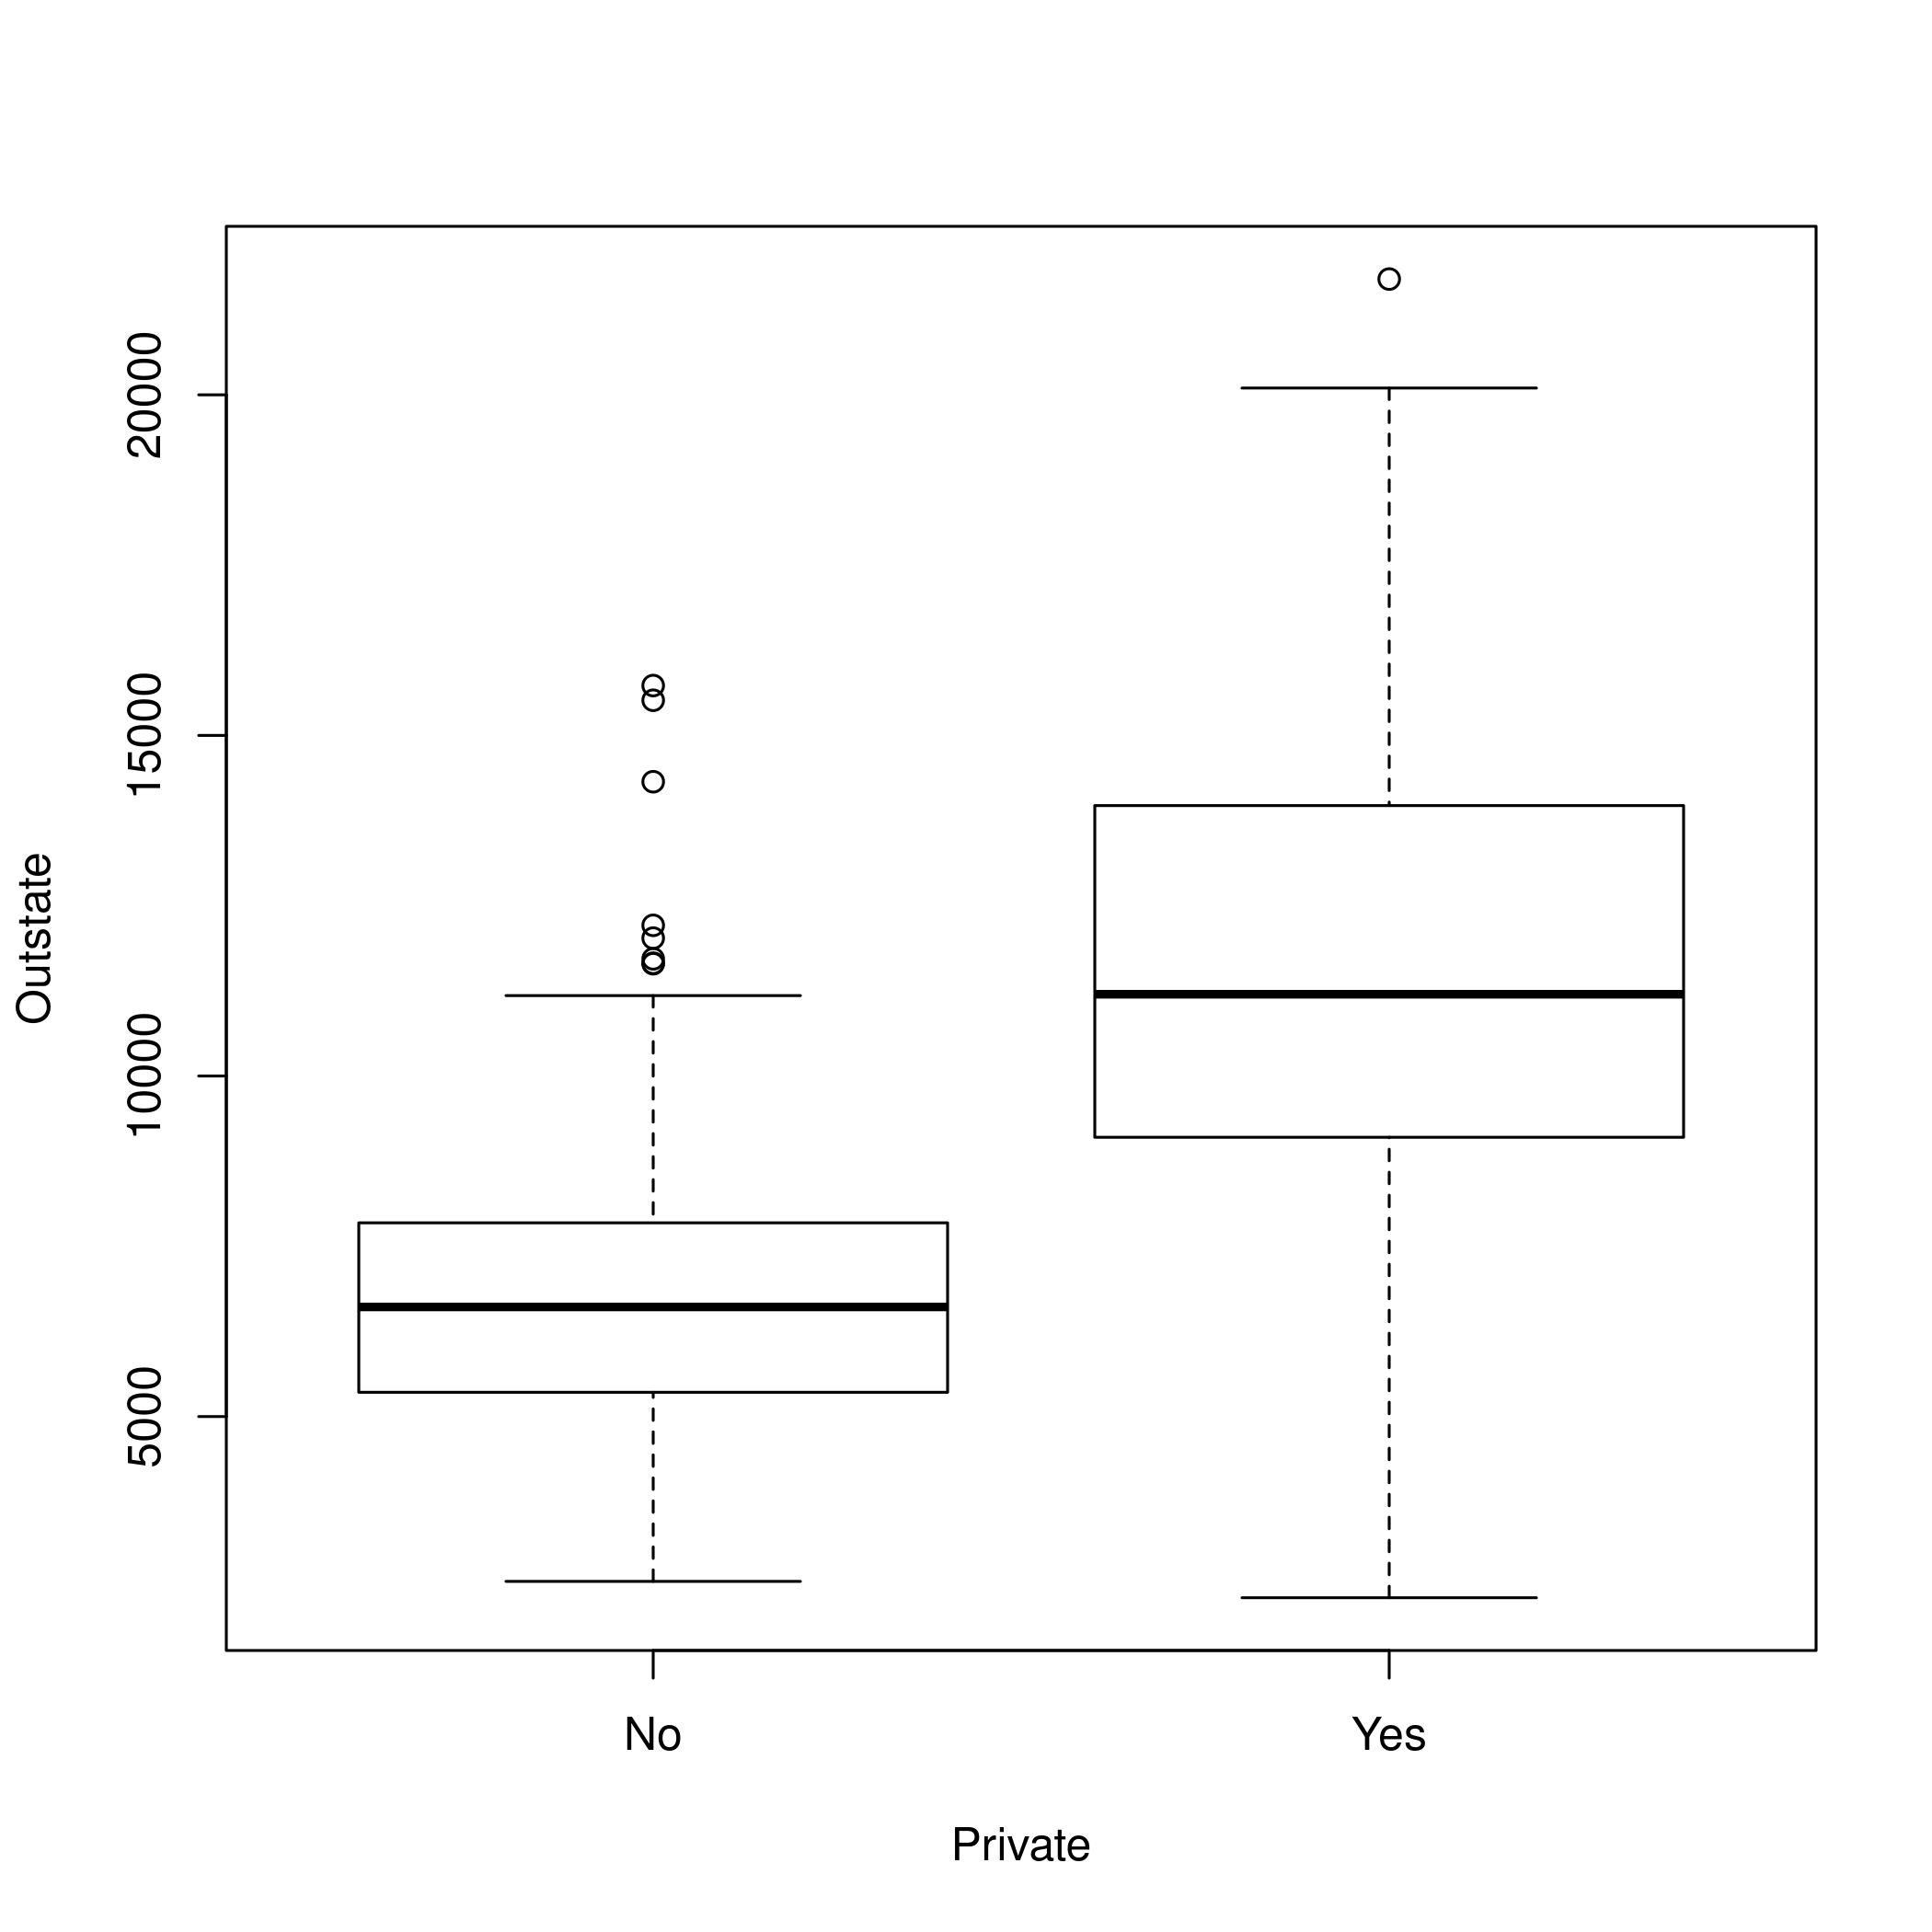 Figure 2: Boxplots